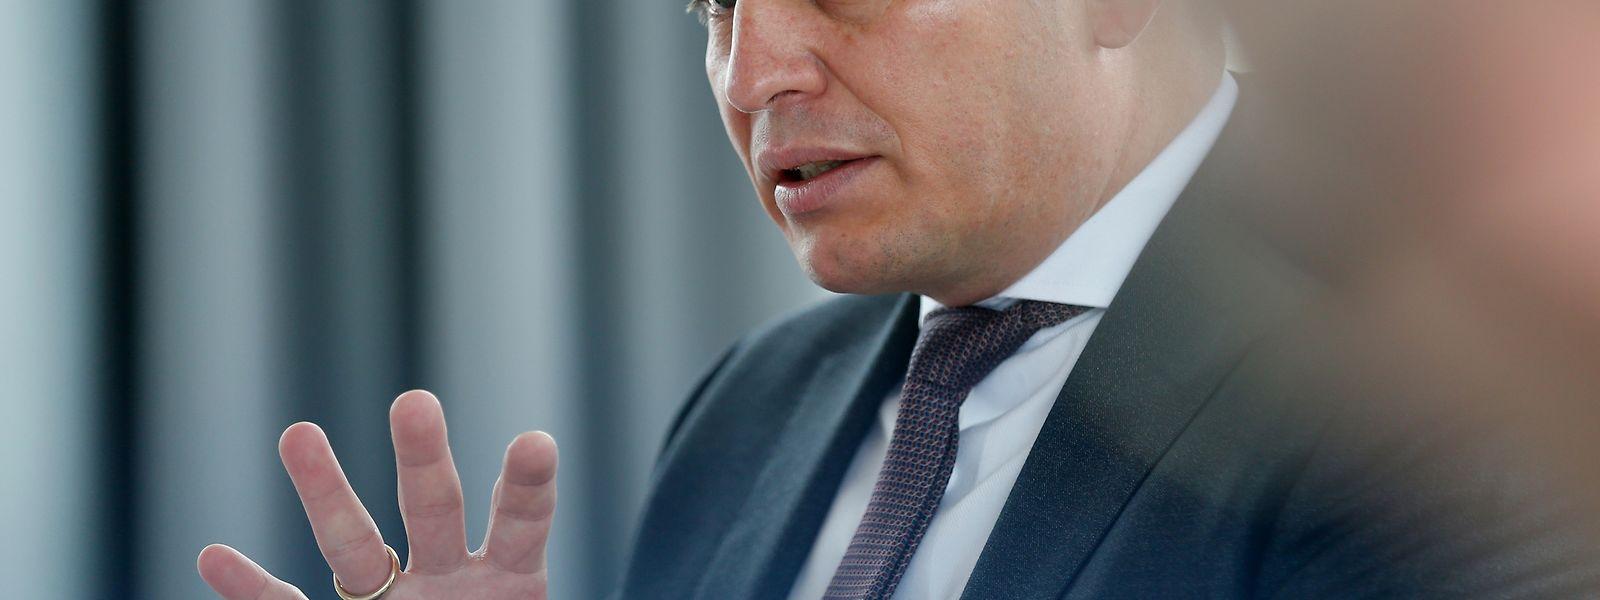 Der Vorstandsvorsitzende Frank Krings (45) trat erst im März 2016 die Nachfolge von Boris Liedtke an.